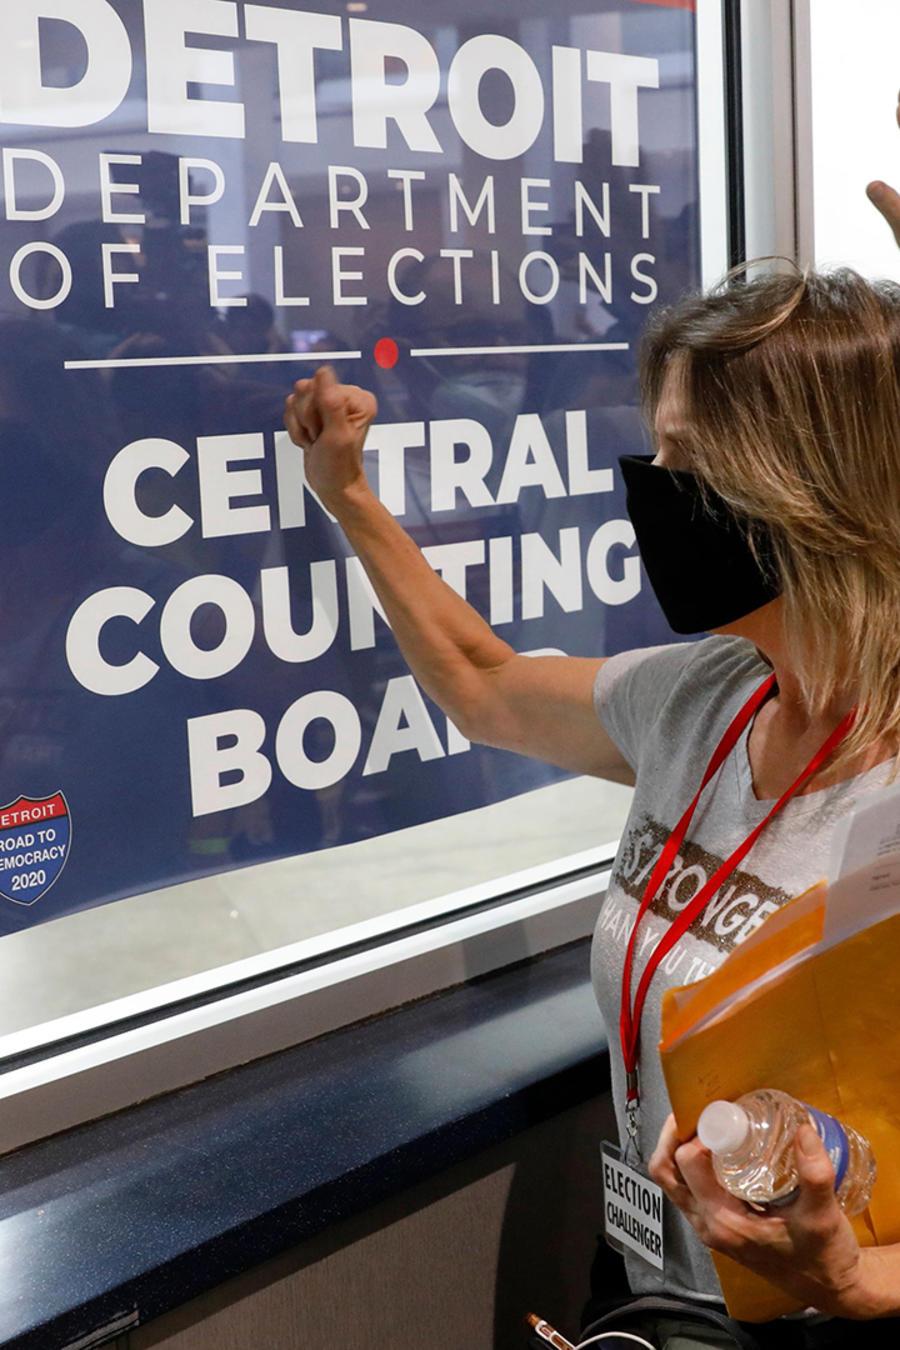 Partidarios de Donald Trump fuera de la sala donde se cuentan las papeletas de voto en ausencia para las elecciones, el 4 de noviembre de 2020 en Detroit, Michigan.